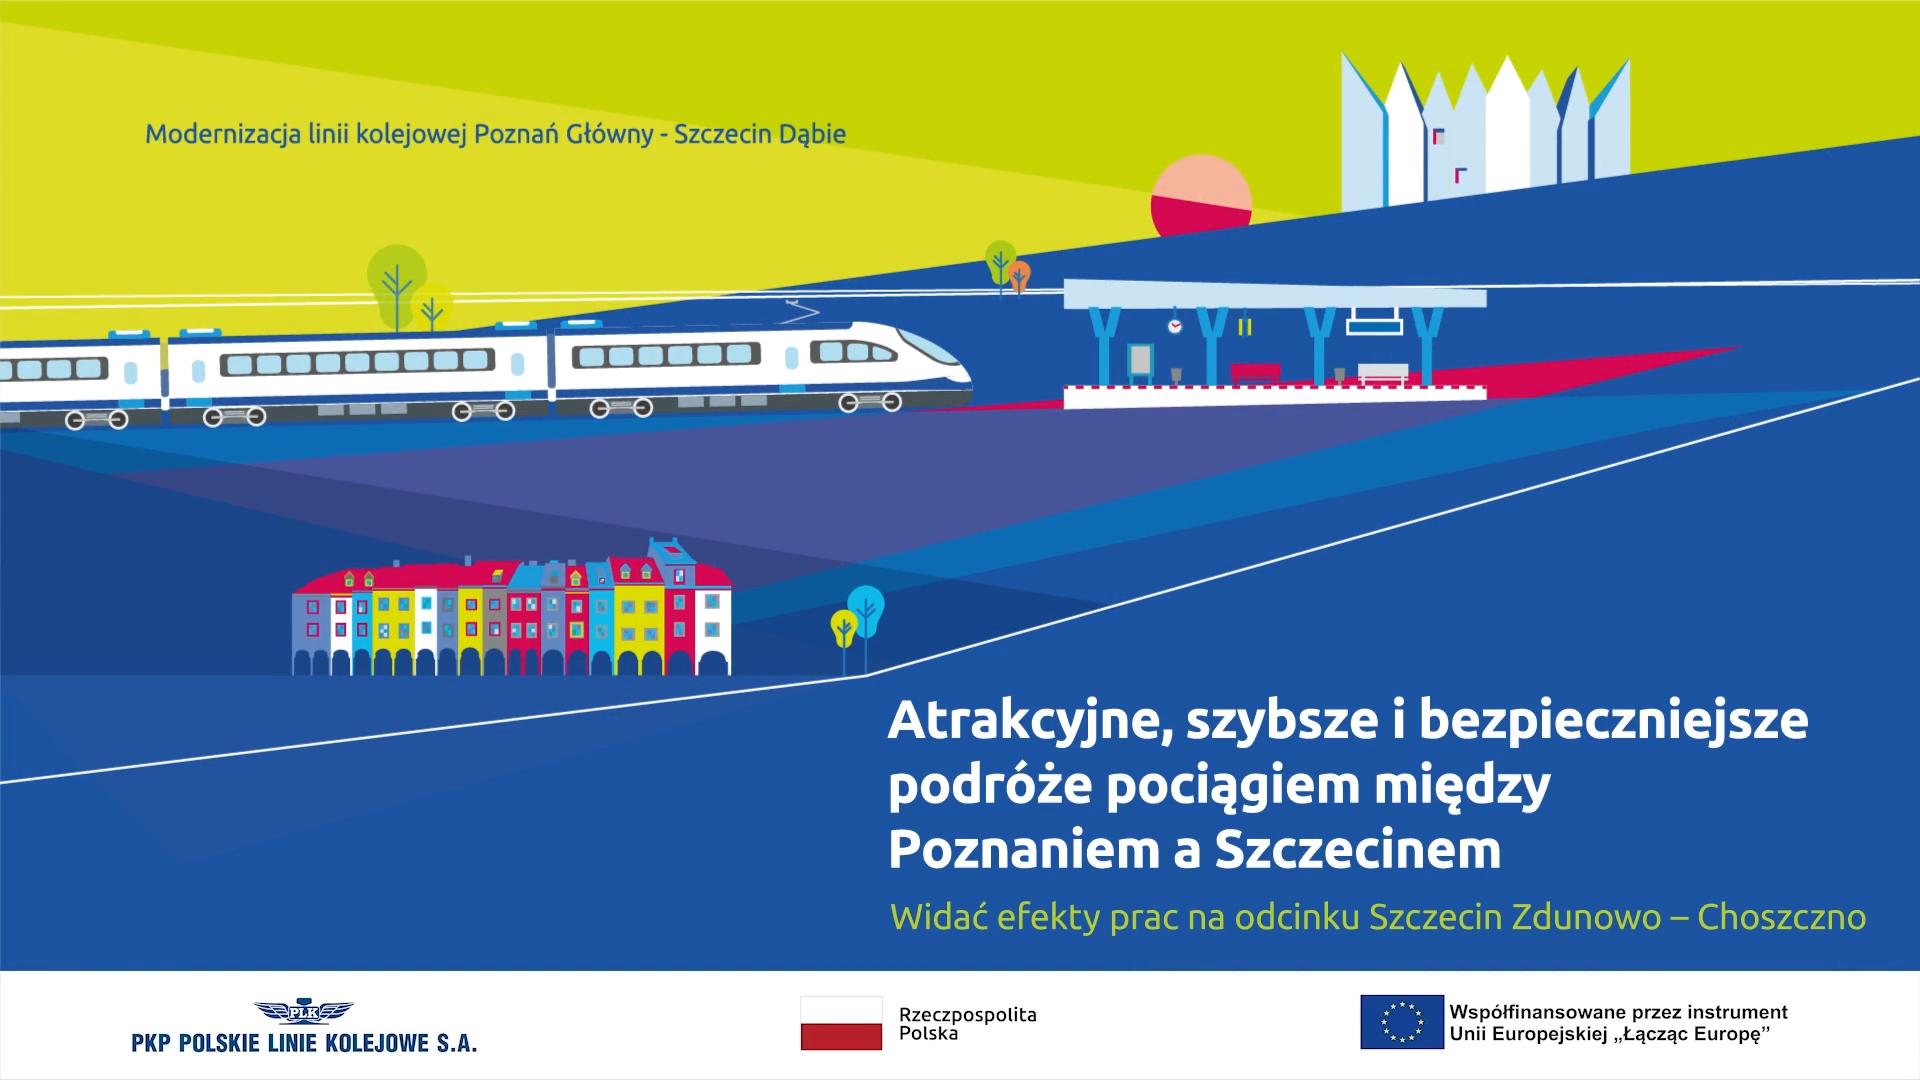 Materiał filmowy dotyczy postępujących prac na obiektach, stacjach oraz przystankach odcinka Szczecin Zdunowo - Choszczno.